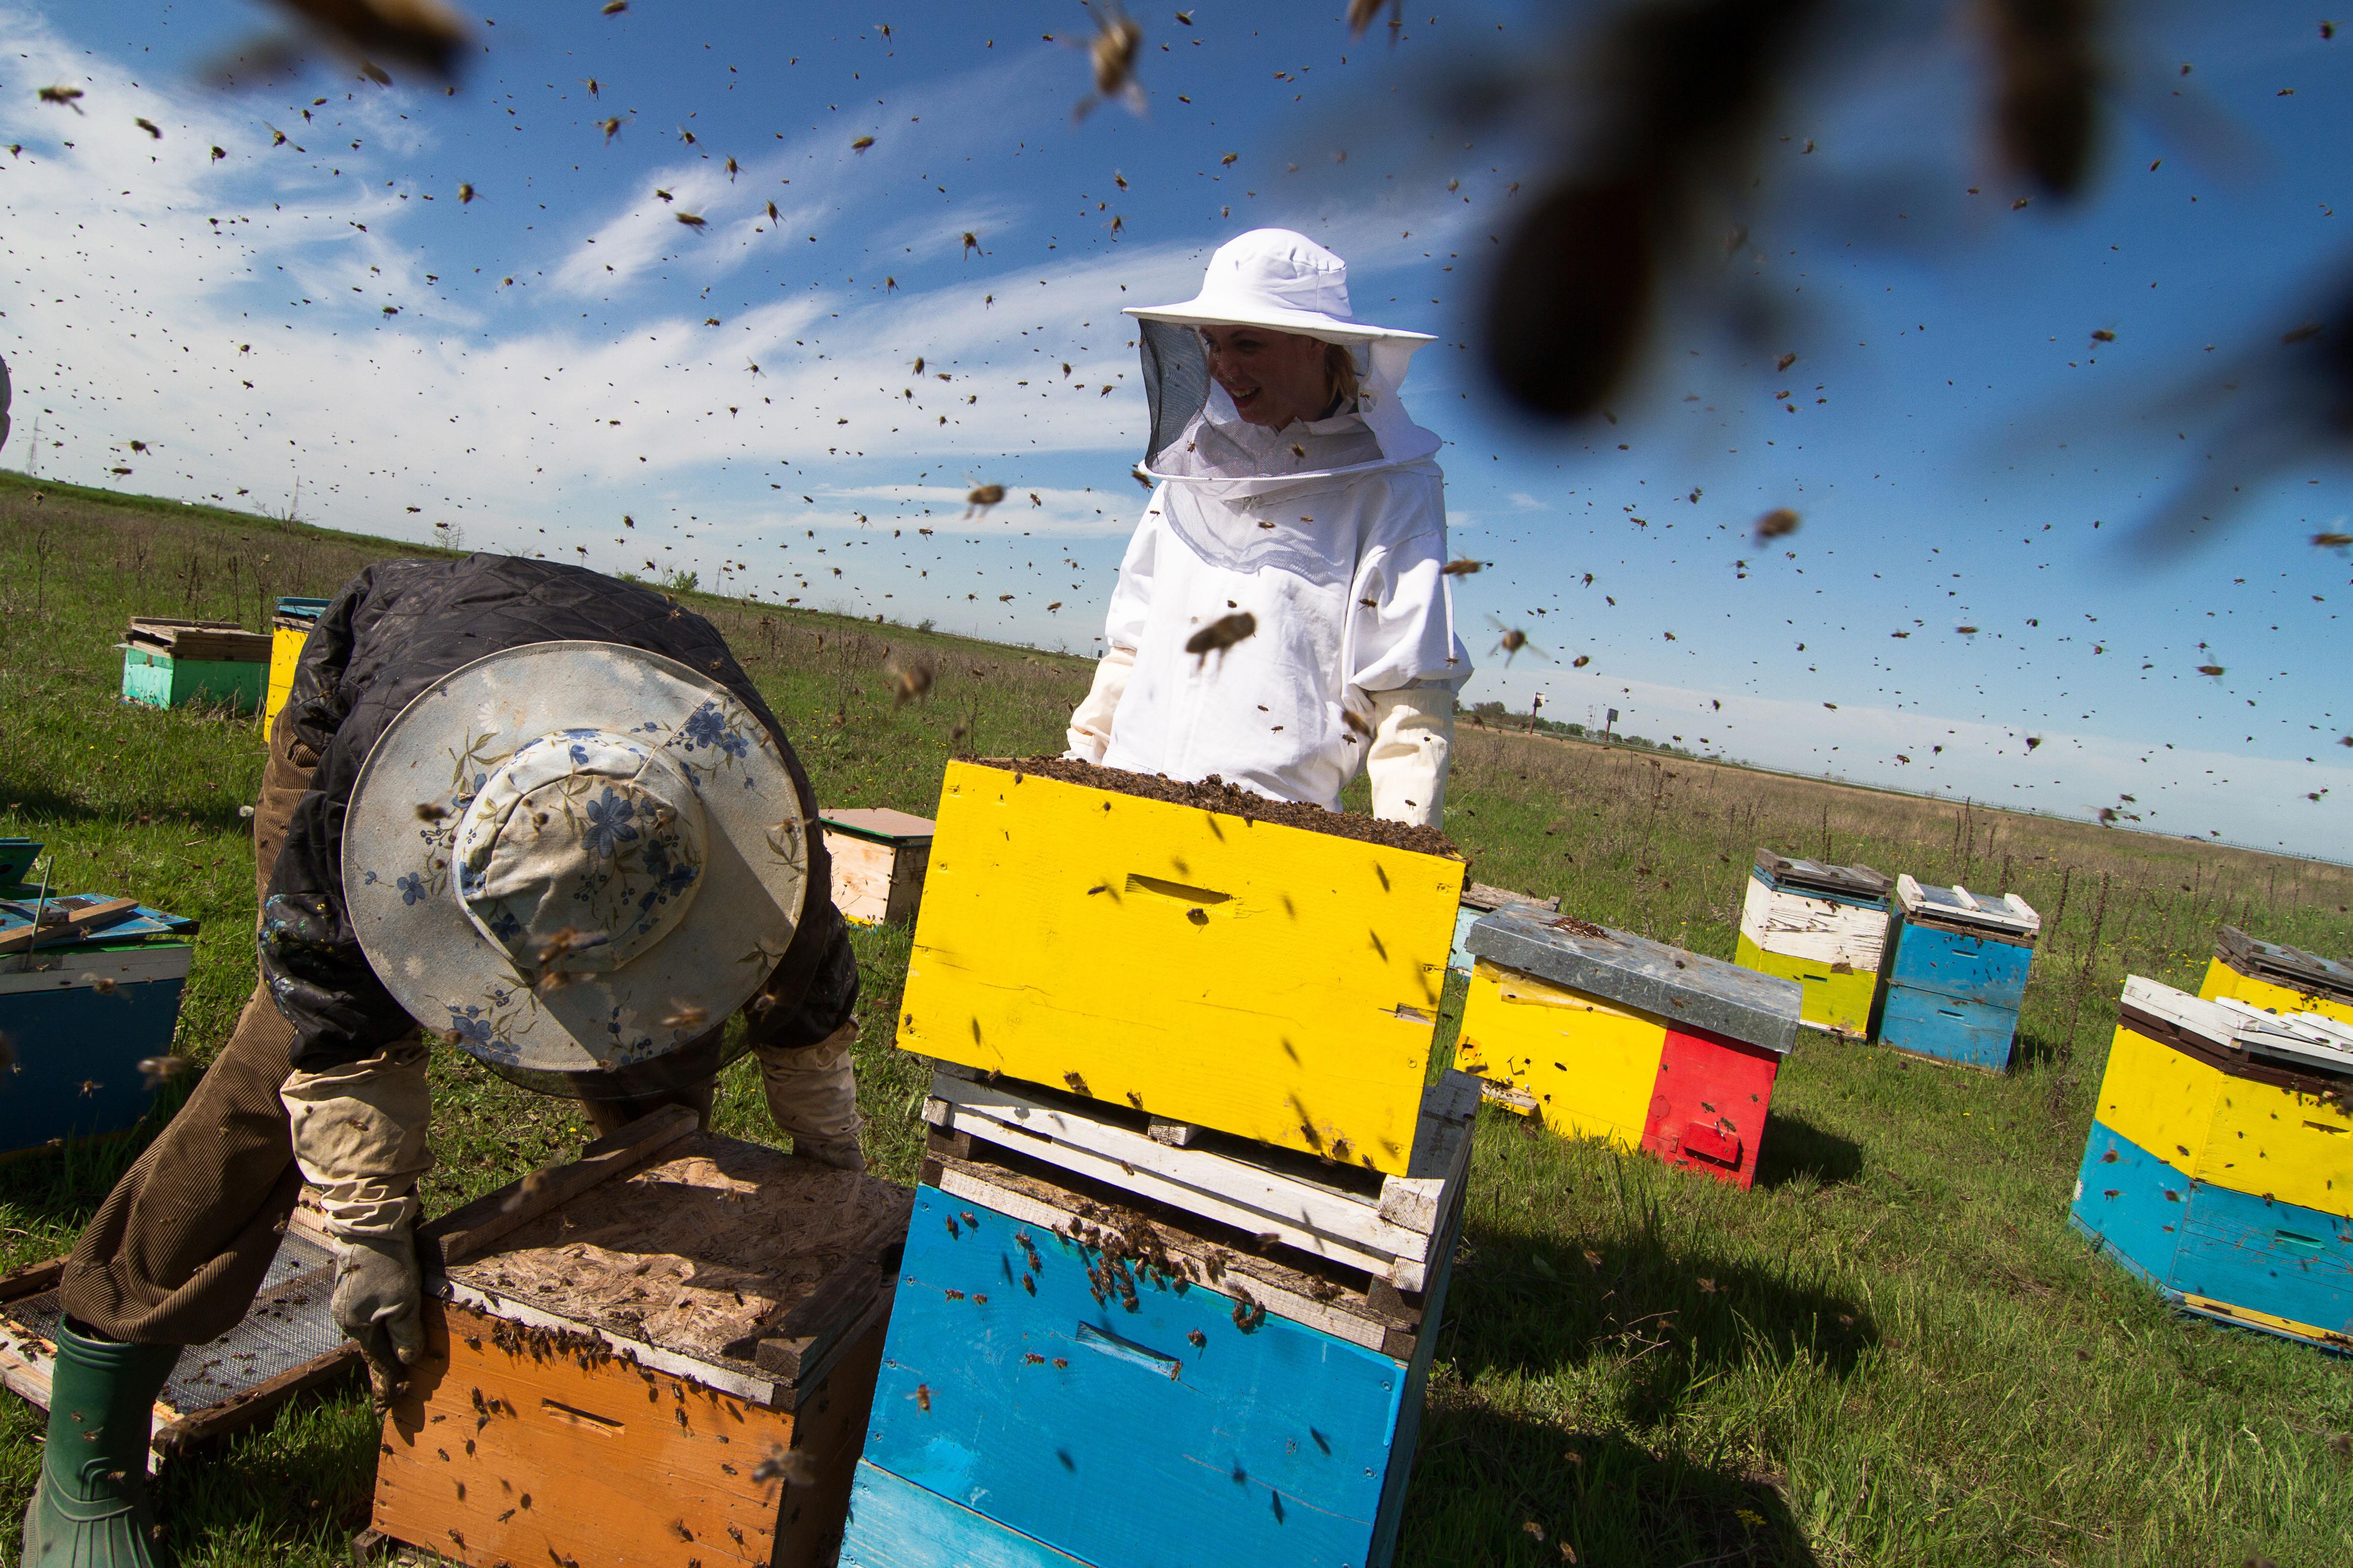 Zdrowienawakacjach.pl: Pogryzienia przez owady, w tym osy, pszczoły i szerszenie. Poradnik dla Ciebie i Twoich Bliskich.